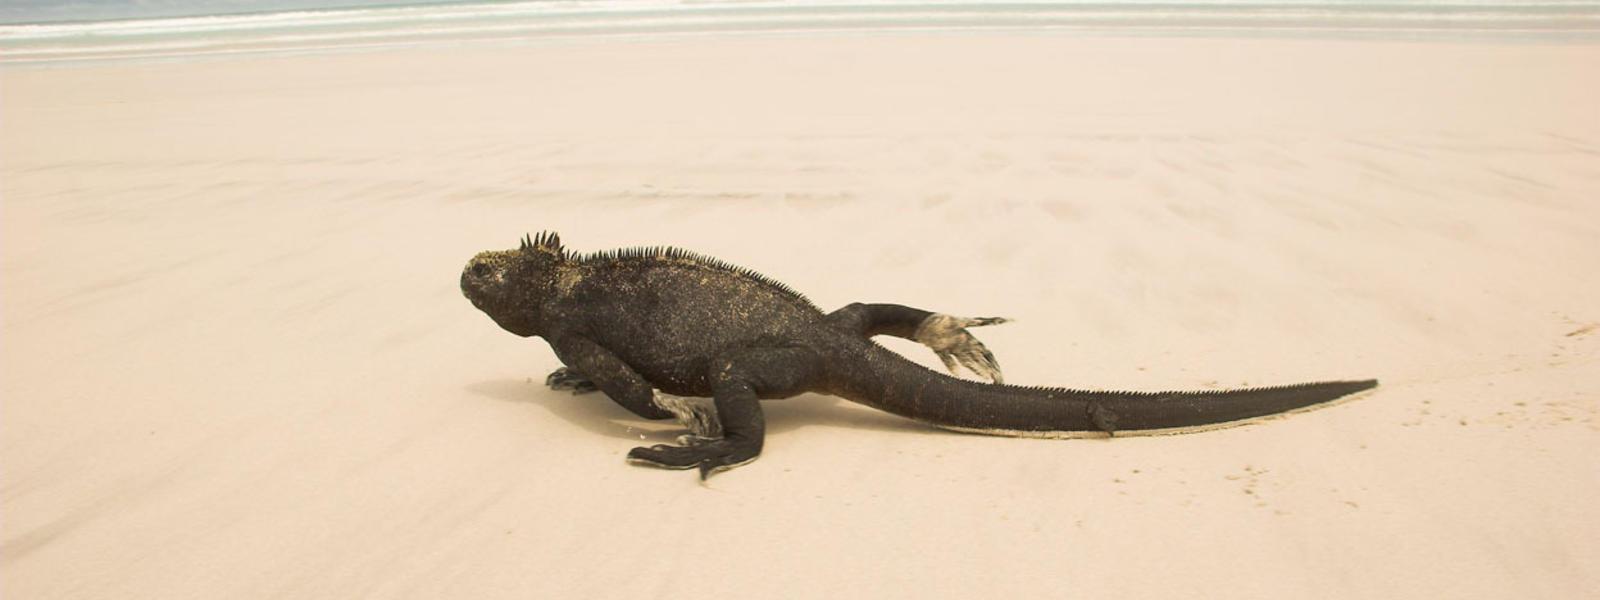 Marine Iguana | Species | WWF